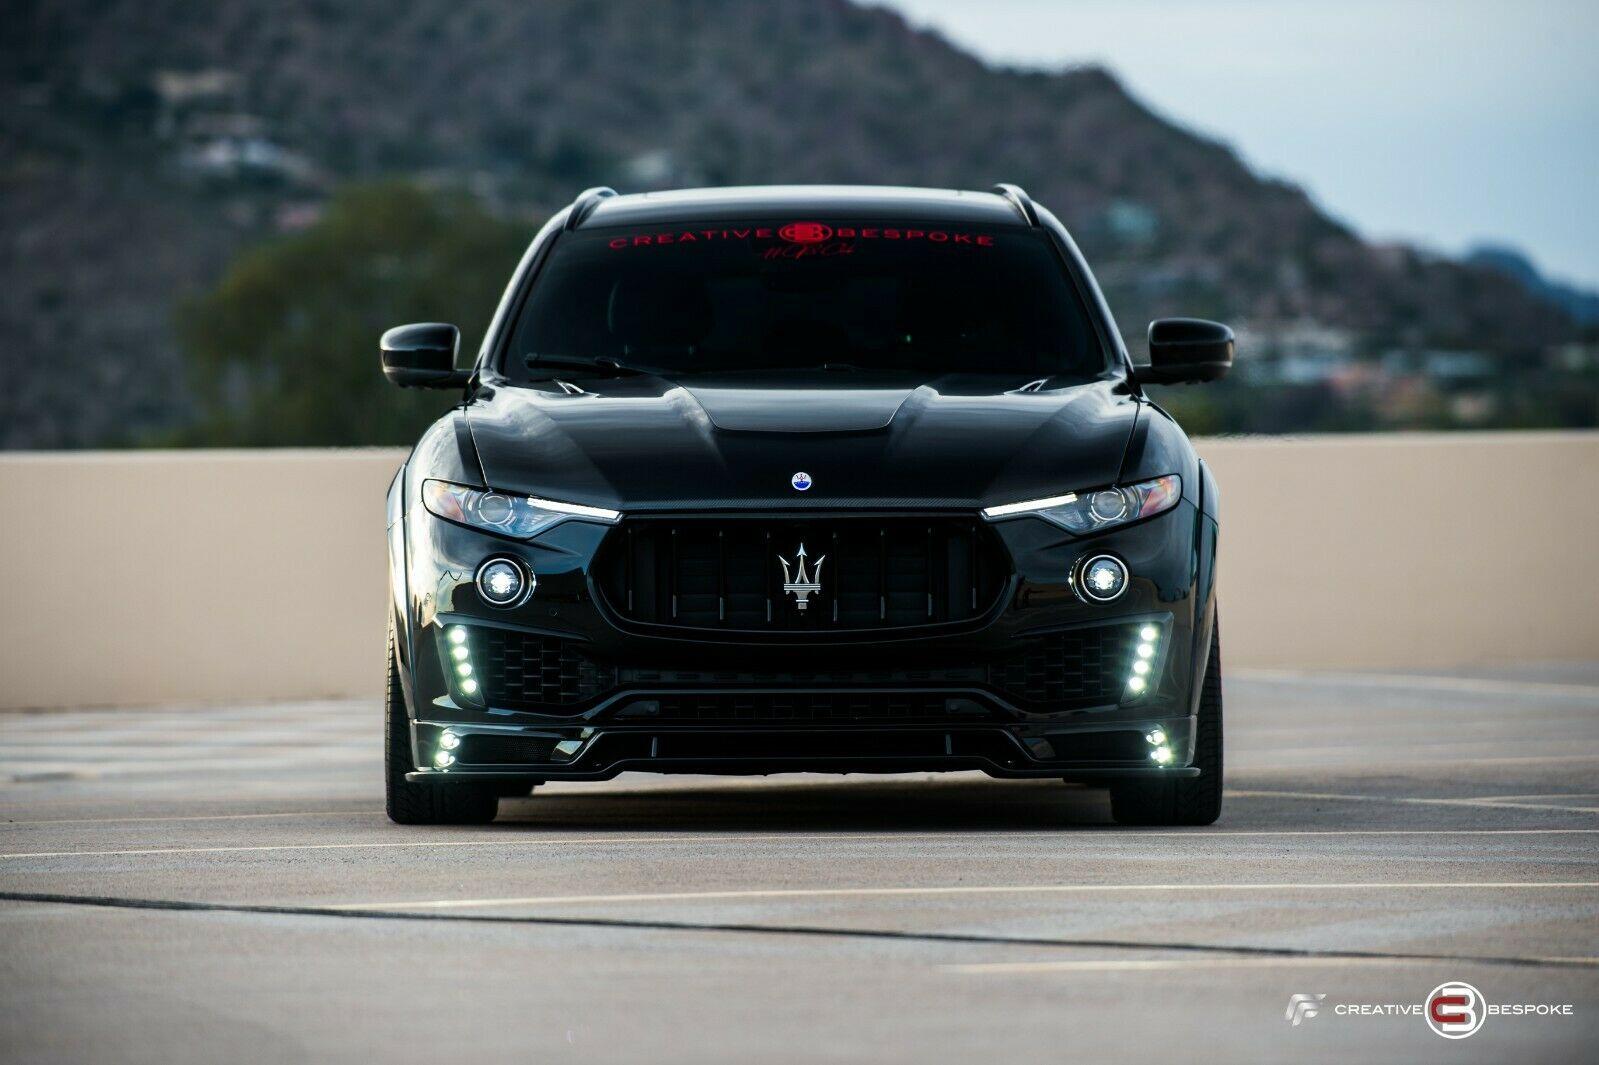 ZERO Design Maserati Levante Granlusso by Creative Bespoke